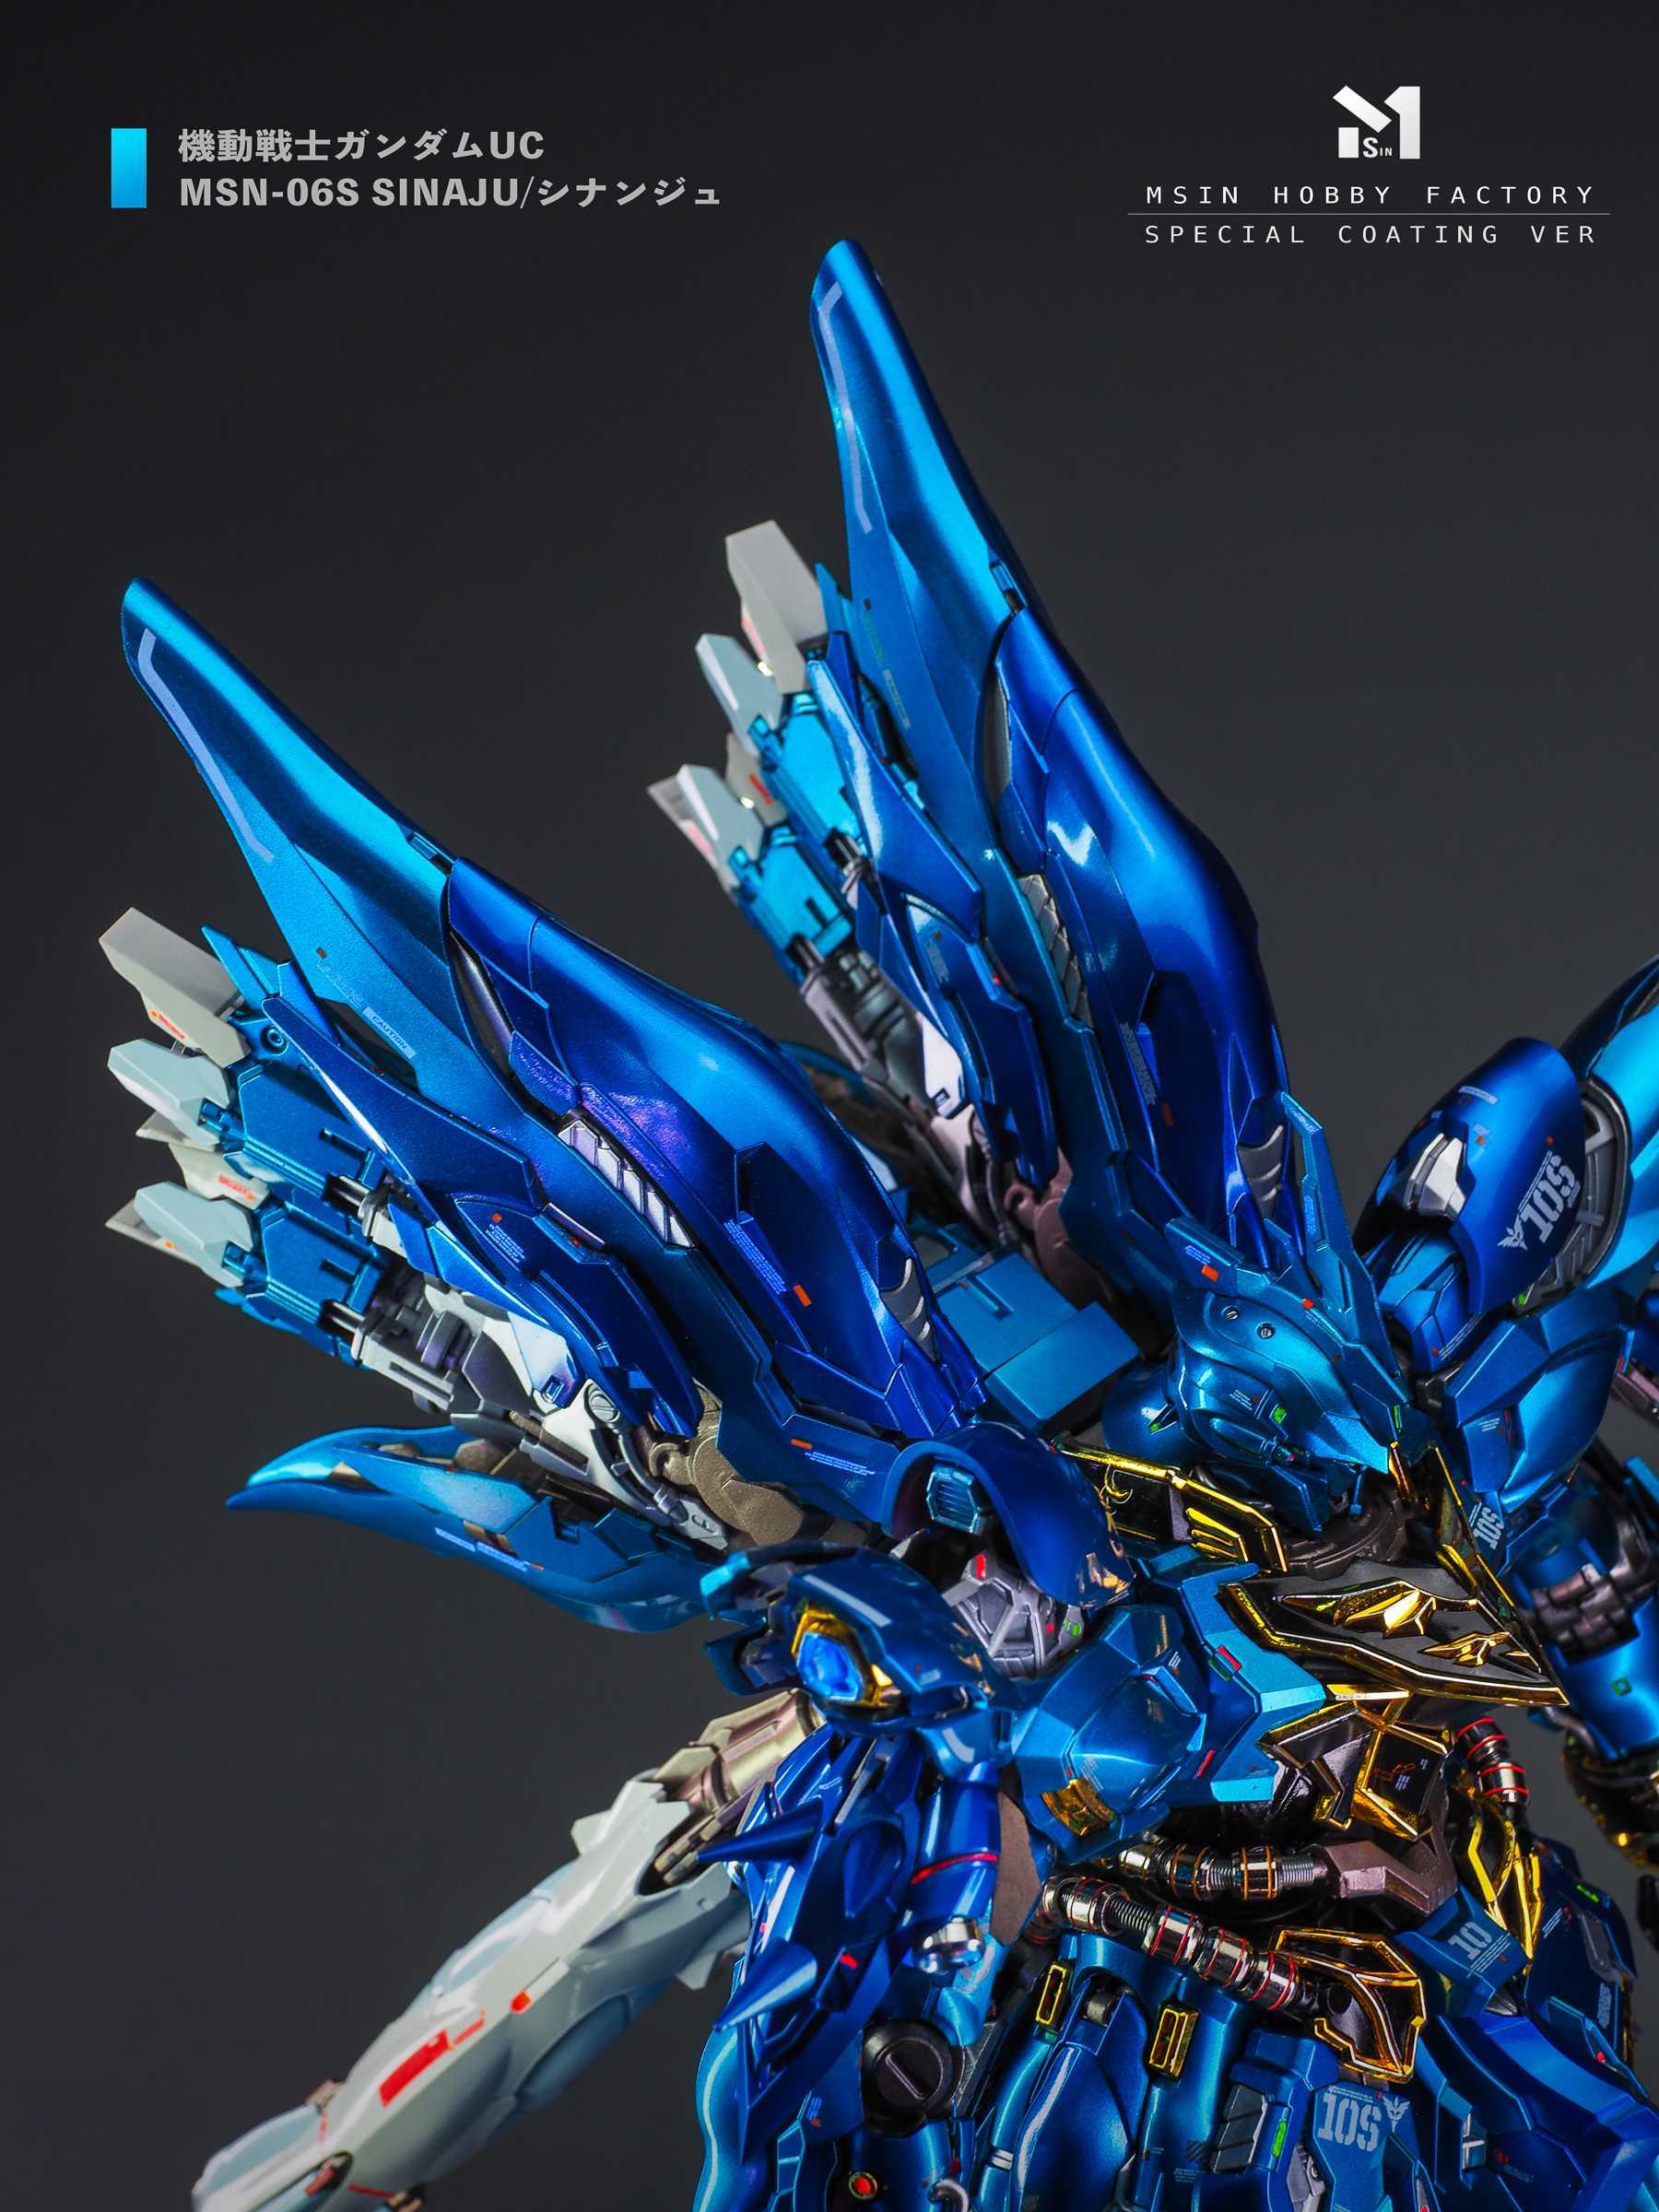 S437_4_sinanju_takumi_blue_010.jpg